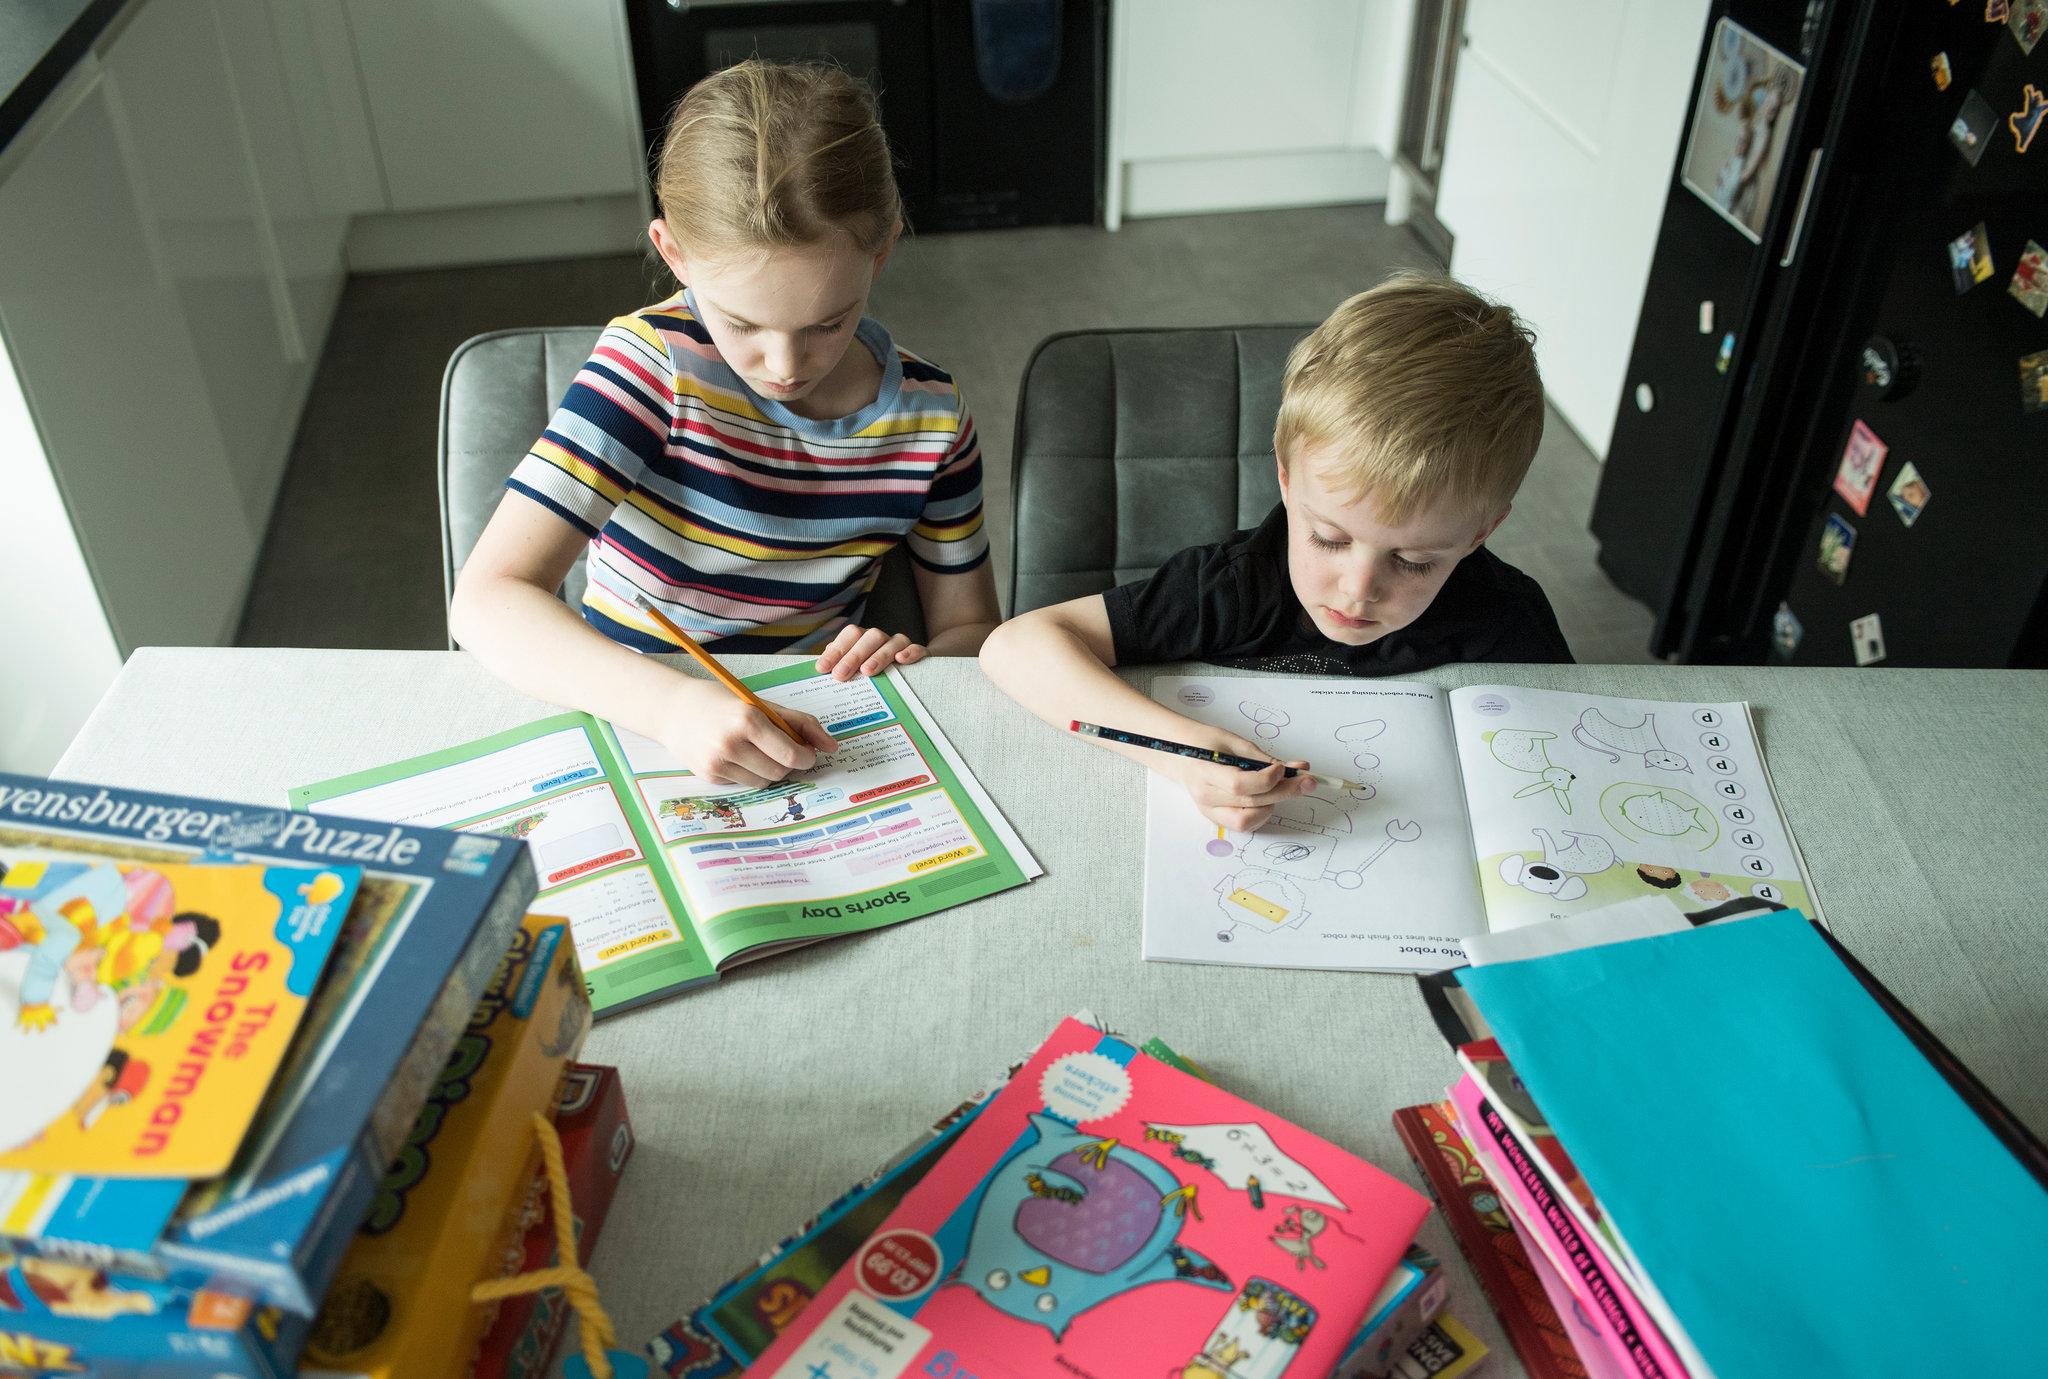 Các công cụ học tiếng Anh truyền thống vẫn được sử dụng phổ biến trong quá trình dạy tiếng Anh cho bé